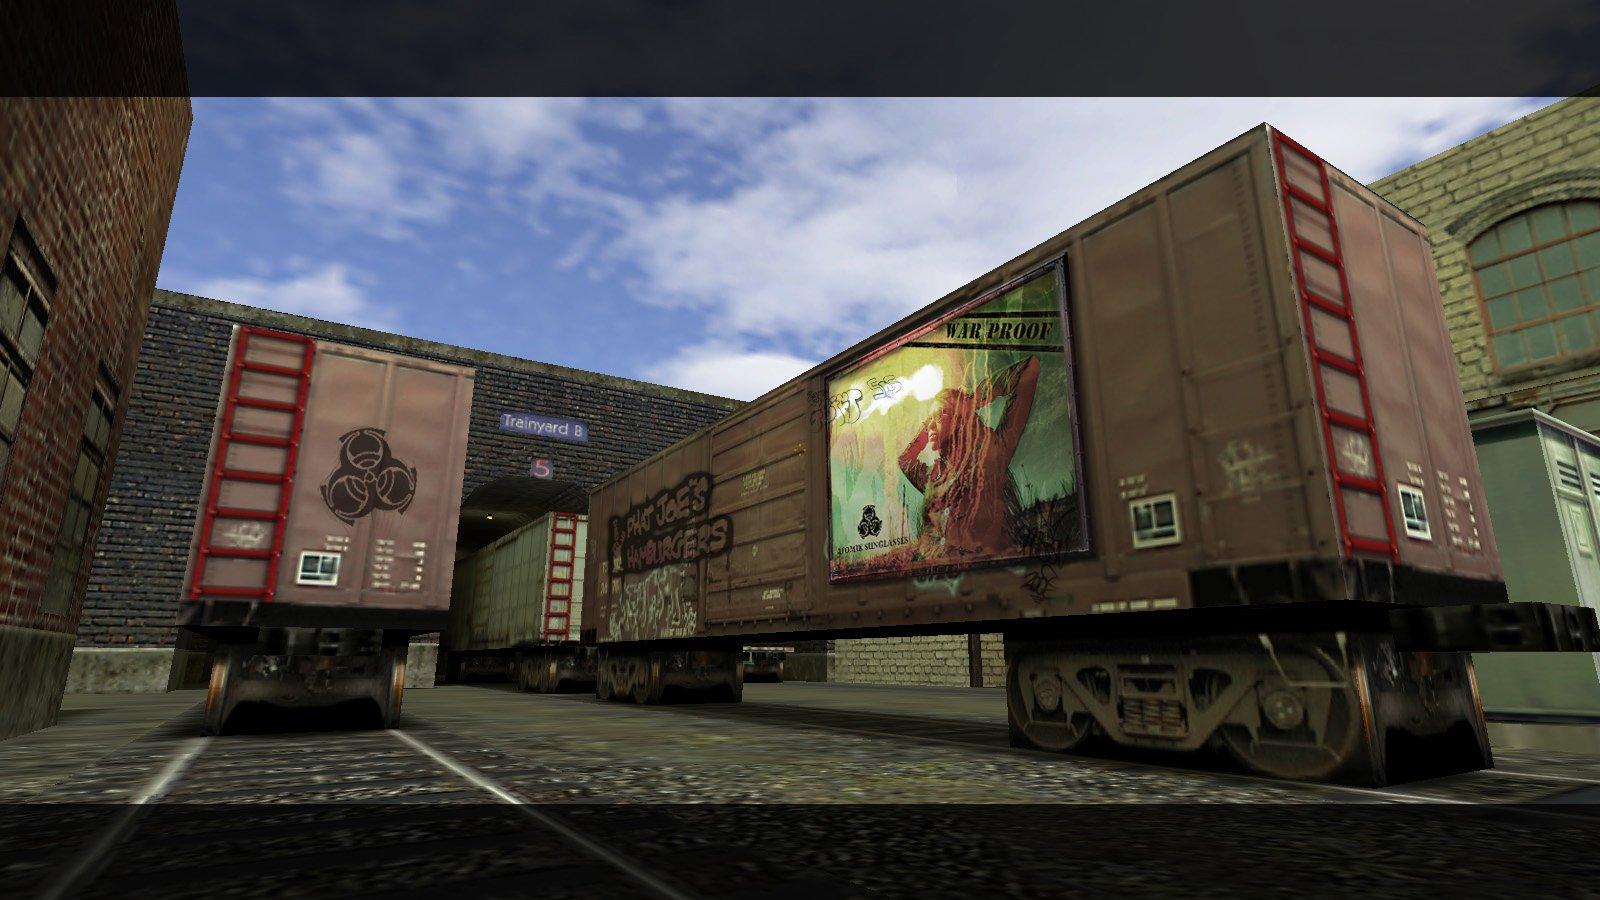 Werbung in Counter-Strike - so sieht es aus